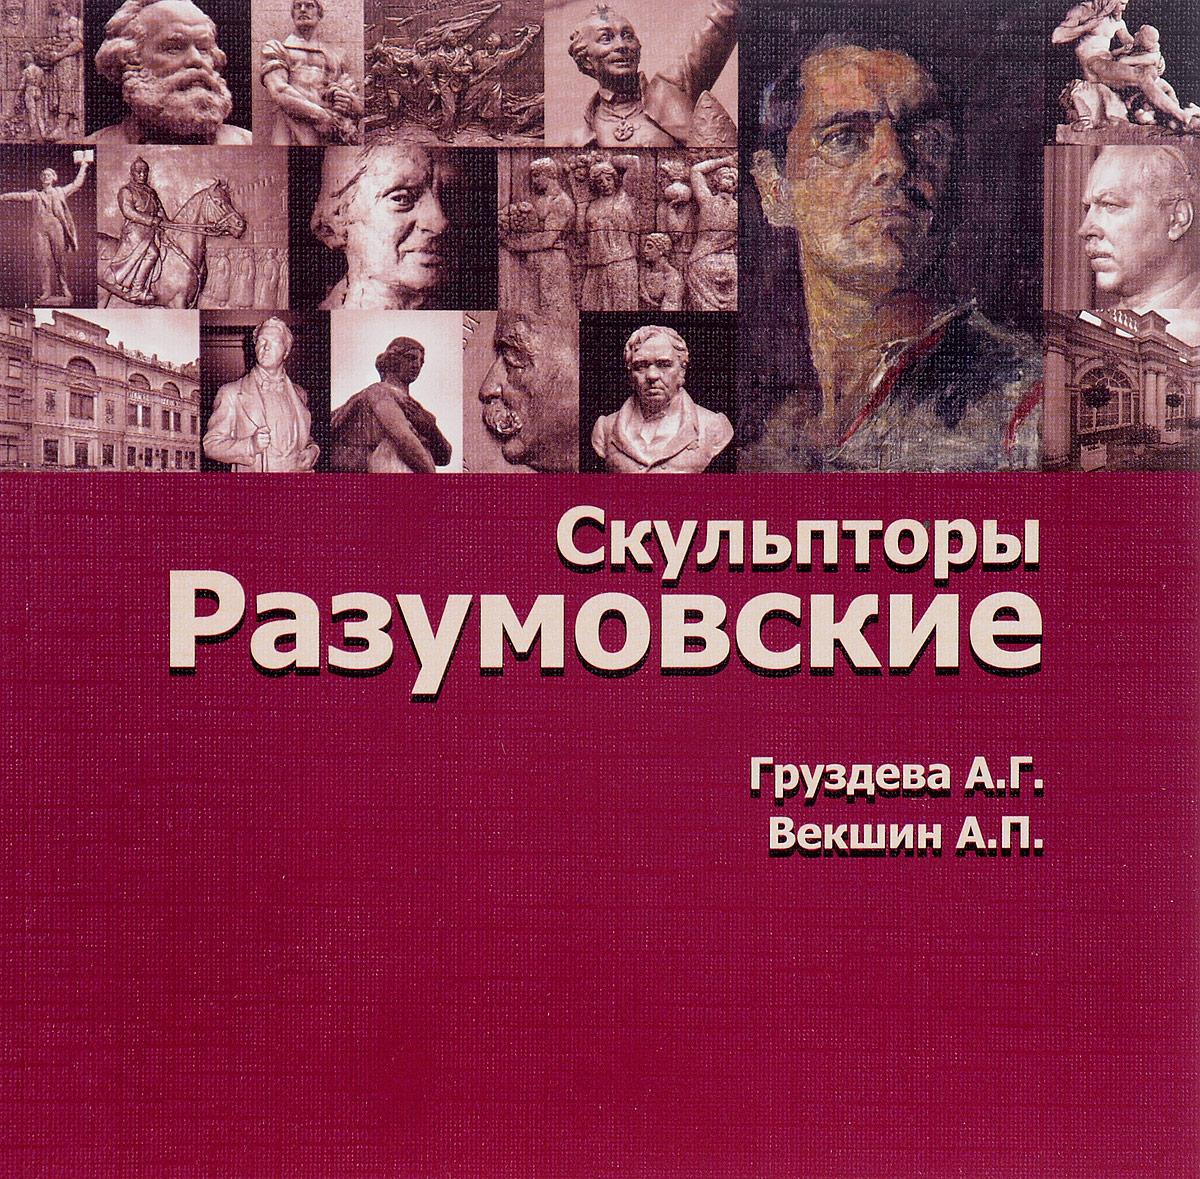 Скульпторы Разумовские